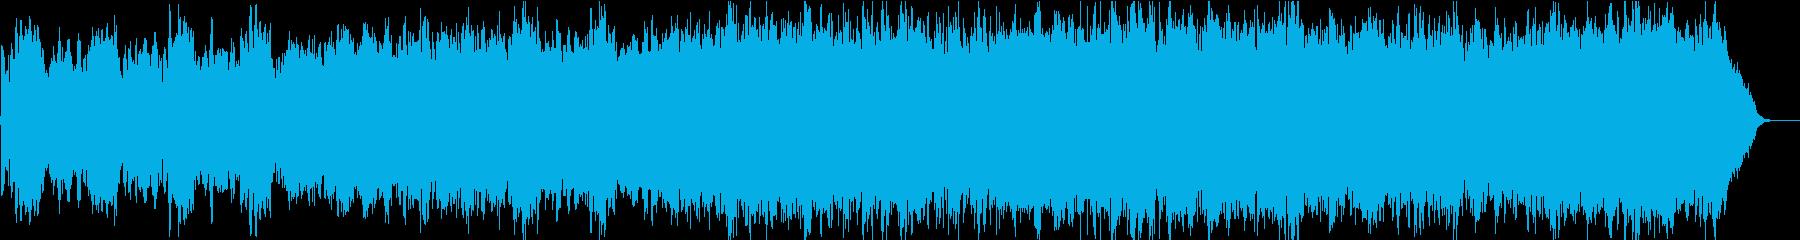 切なさを乗り越える感動オケ3ピアノ弦のみの再生済みの波形